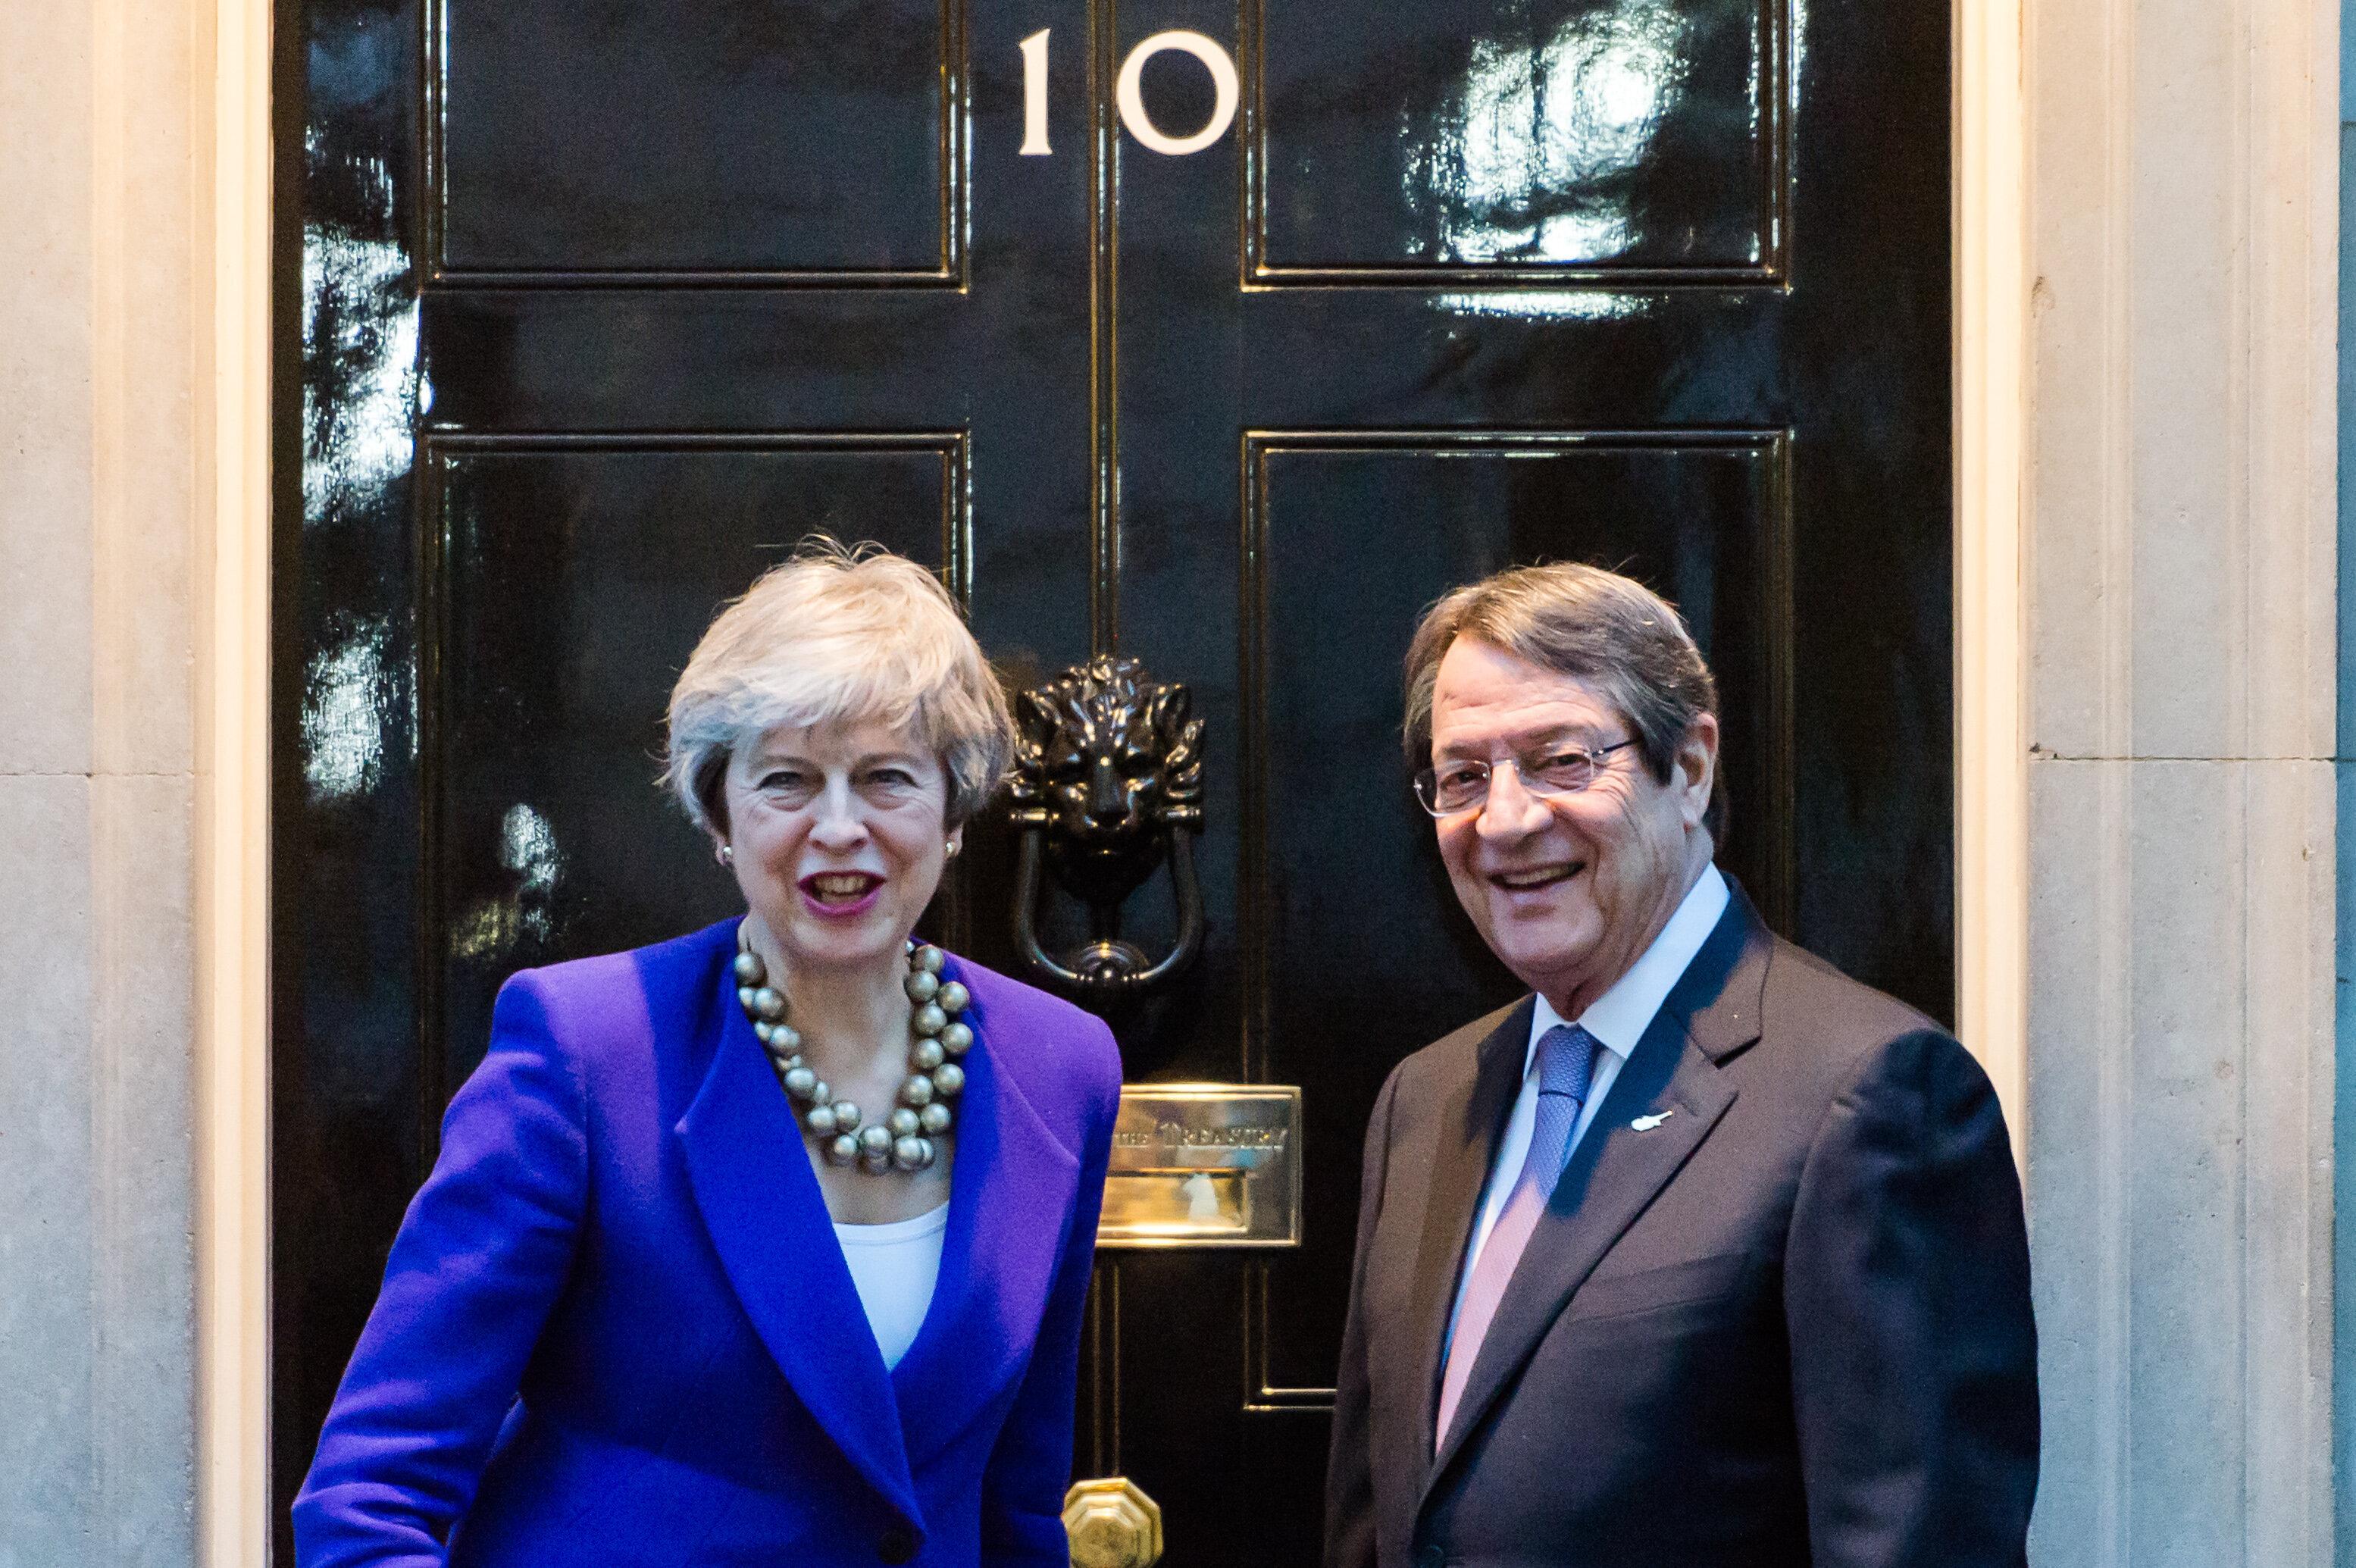 Διάβημα της Κύπρου στη Βρετανία μετά τις δηλώσεις Υπουργού για την κυπριακή